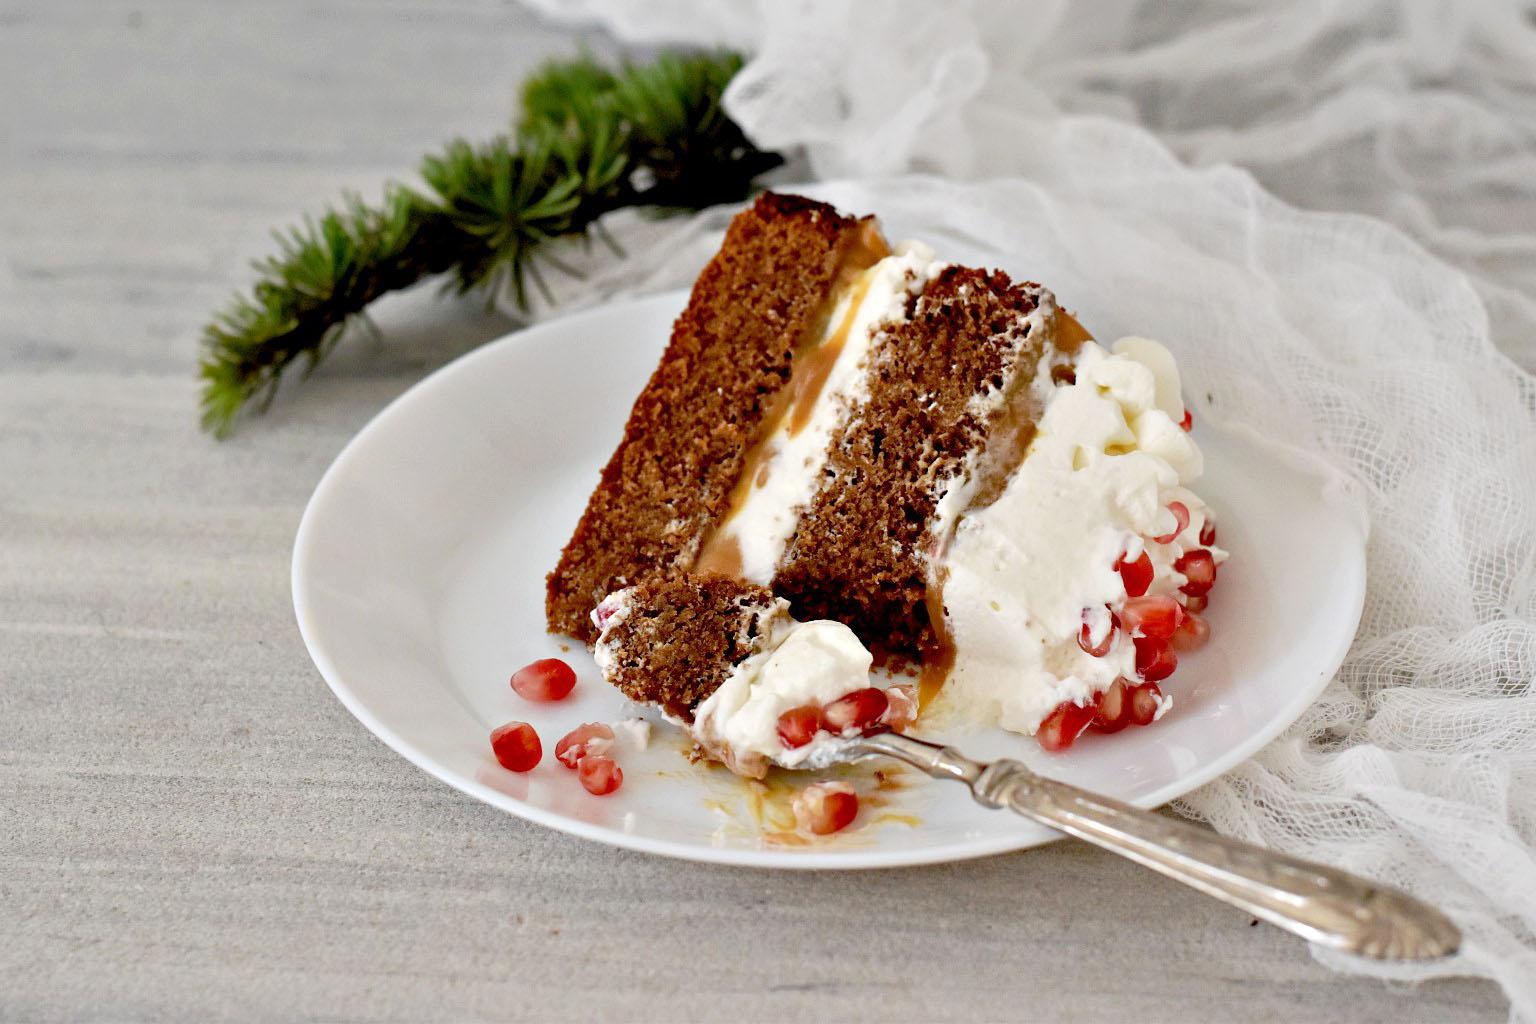 Torta delle feste con cioccolato, dulce de leche e panna